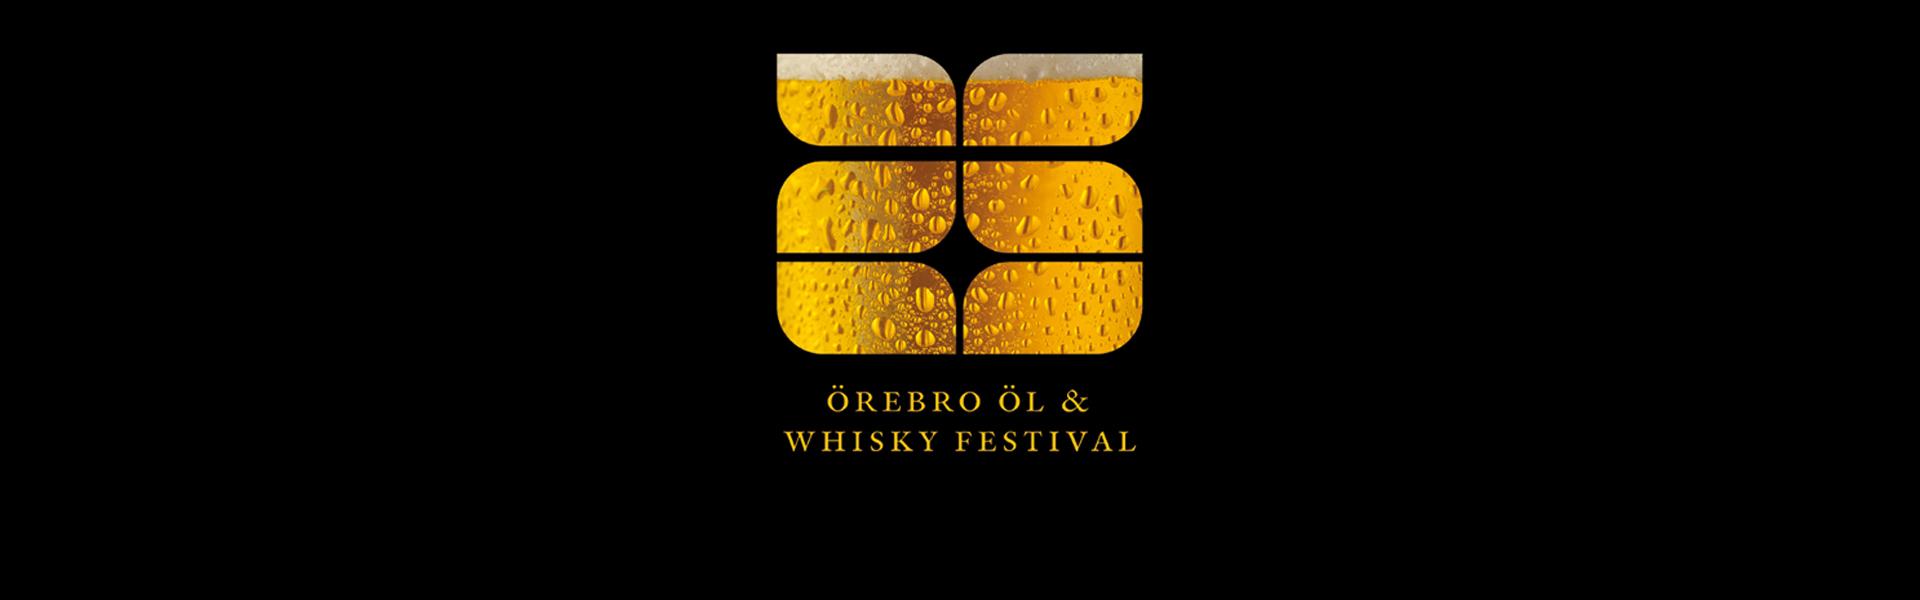 Örebro Öl- och Whisky Festival 2019